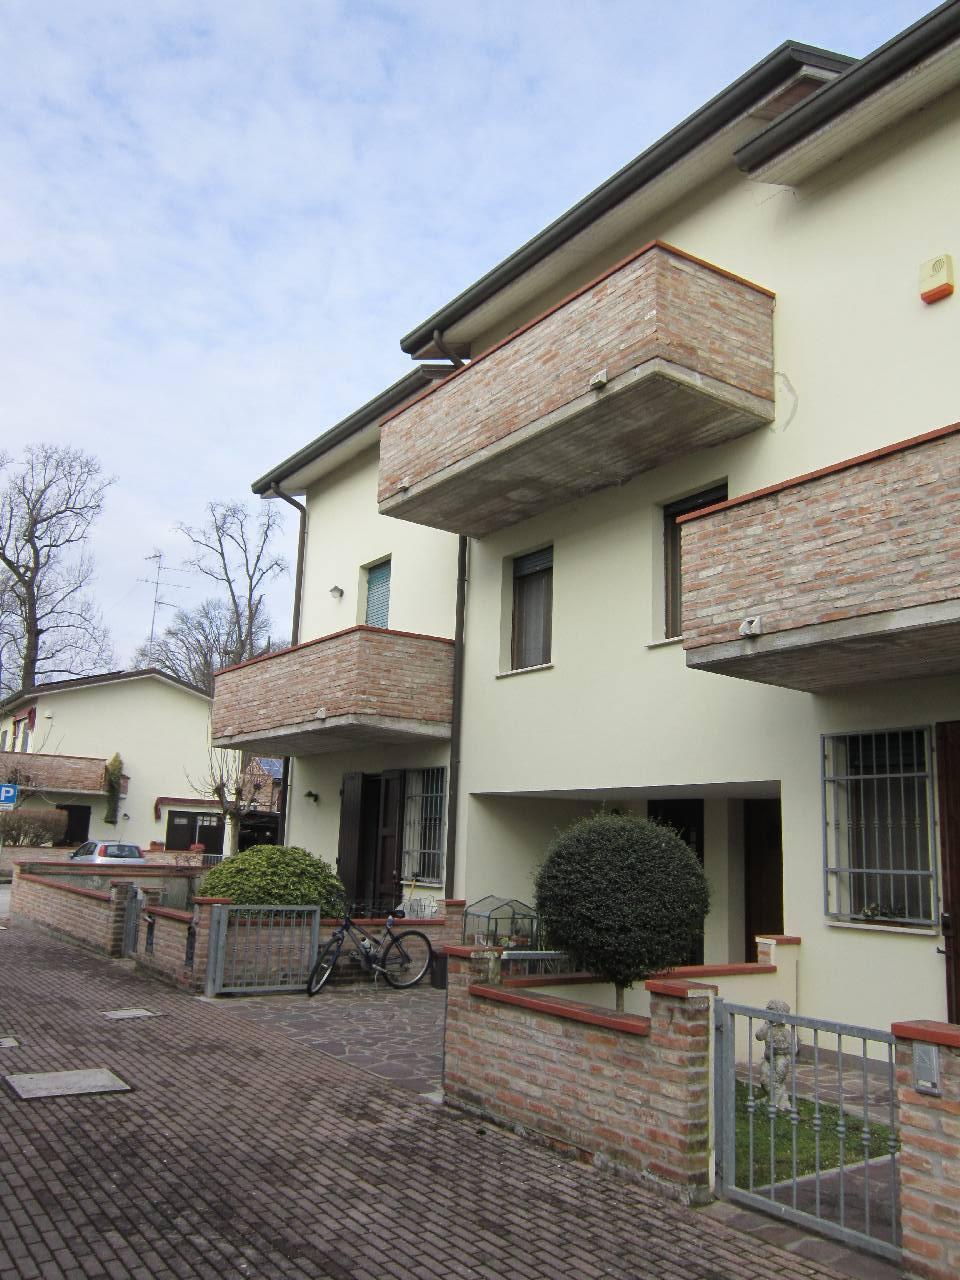 Villa a Schiera in vendita a Voghiera, 2 locali, zona Località: Voghiera, prezzo € 148.000   Cambio Casa.it